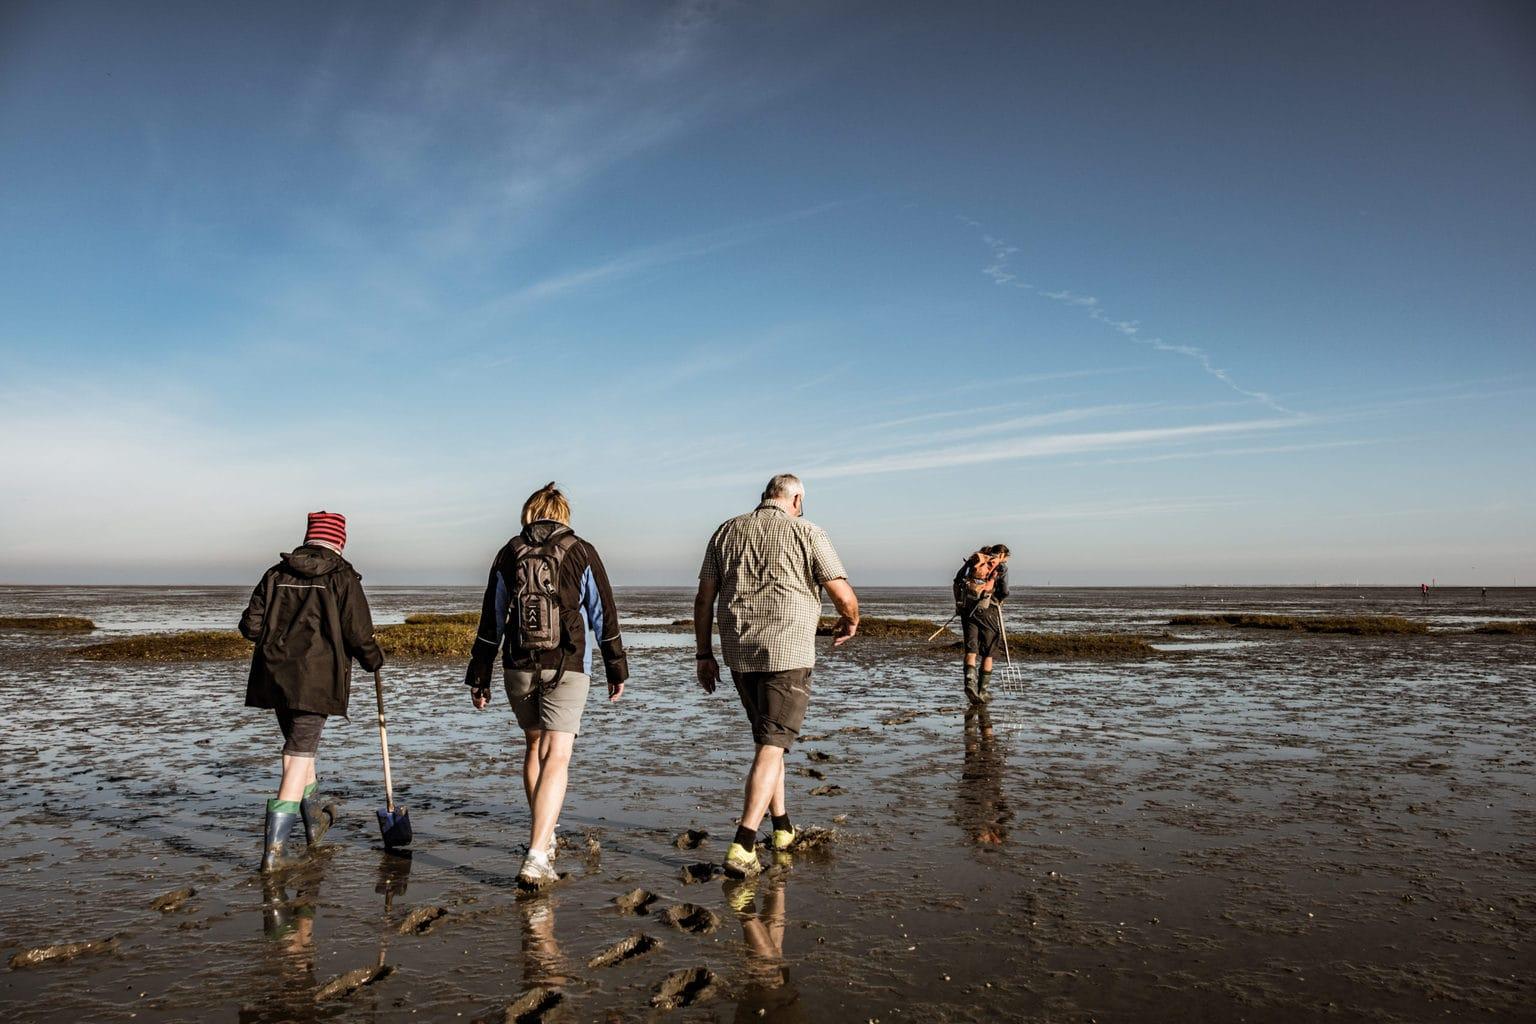 Wadwandelaars aan de Duitse Noordzeekust in de waddenzee